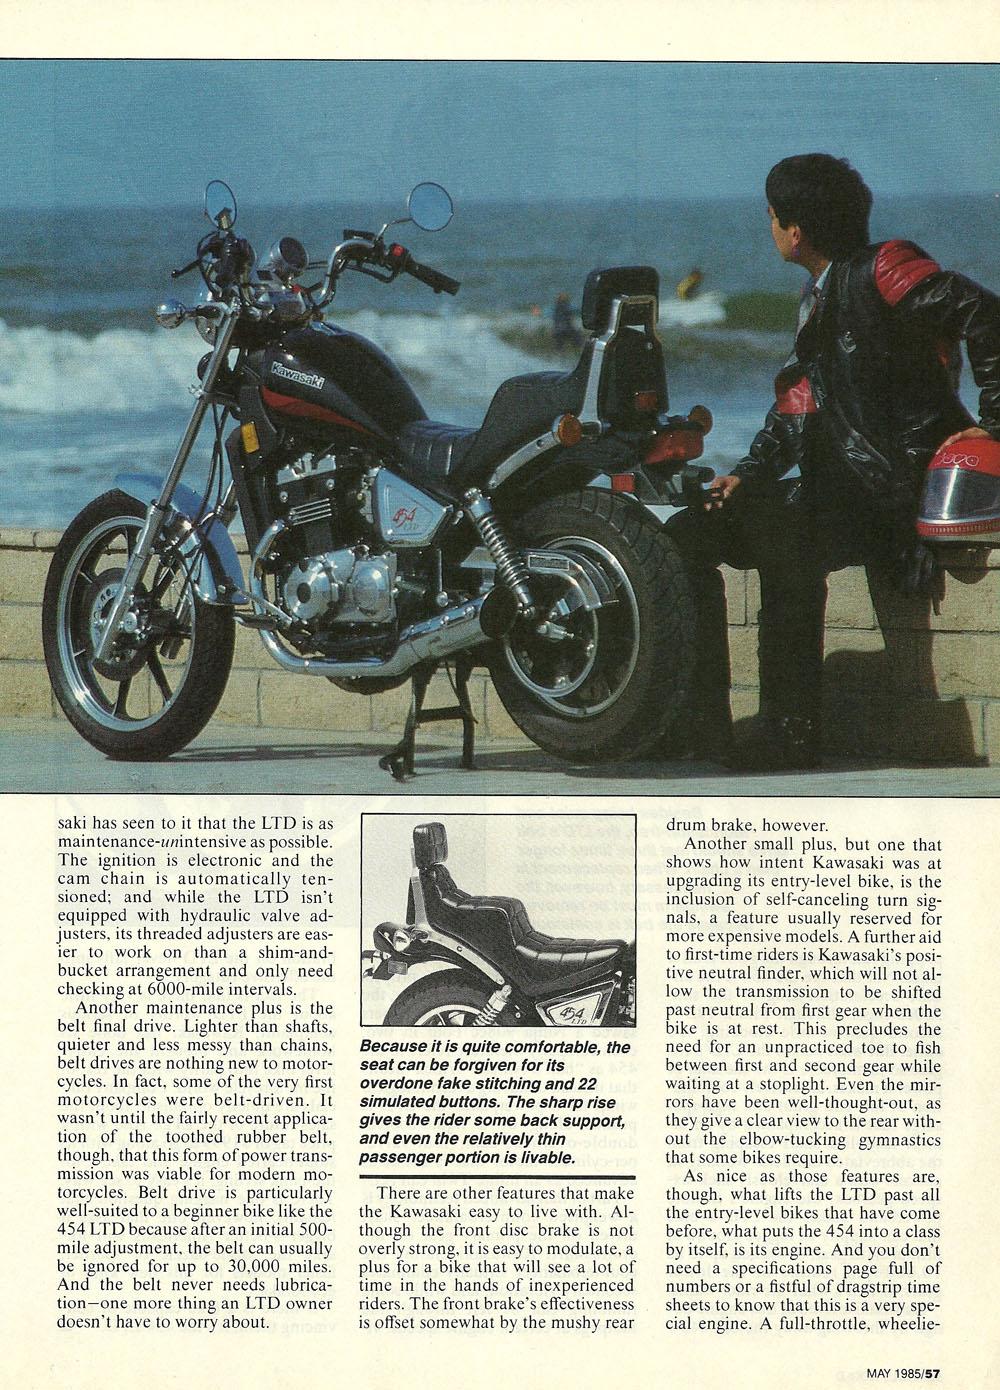 1985 Kawasaki 454 ltd road test 03.jpg